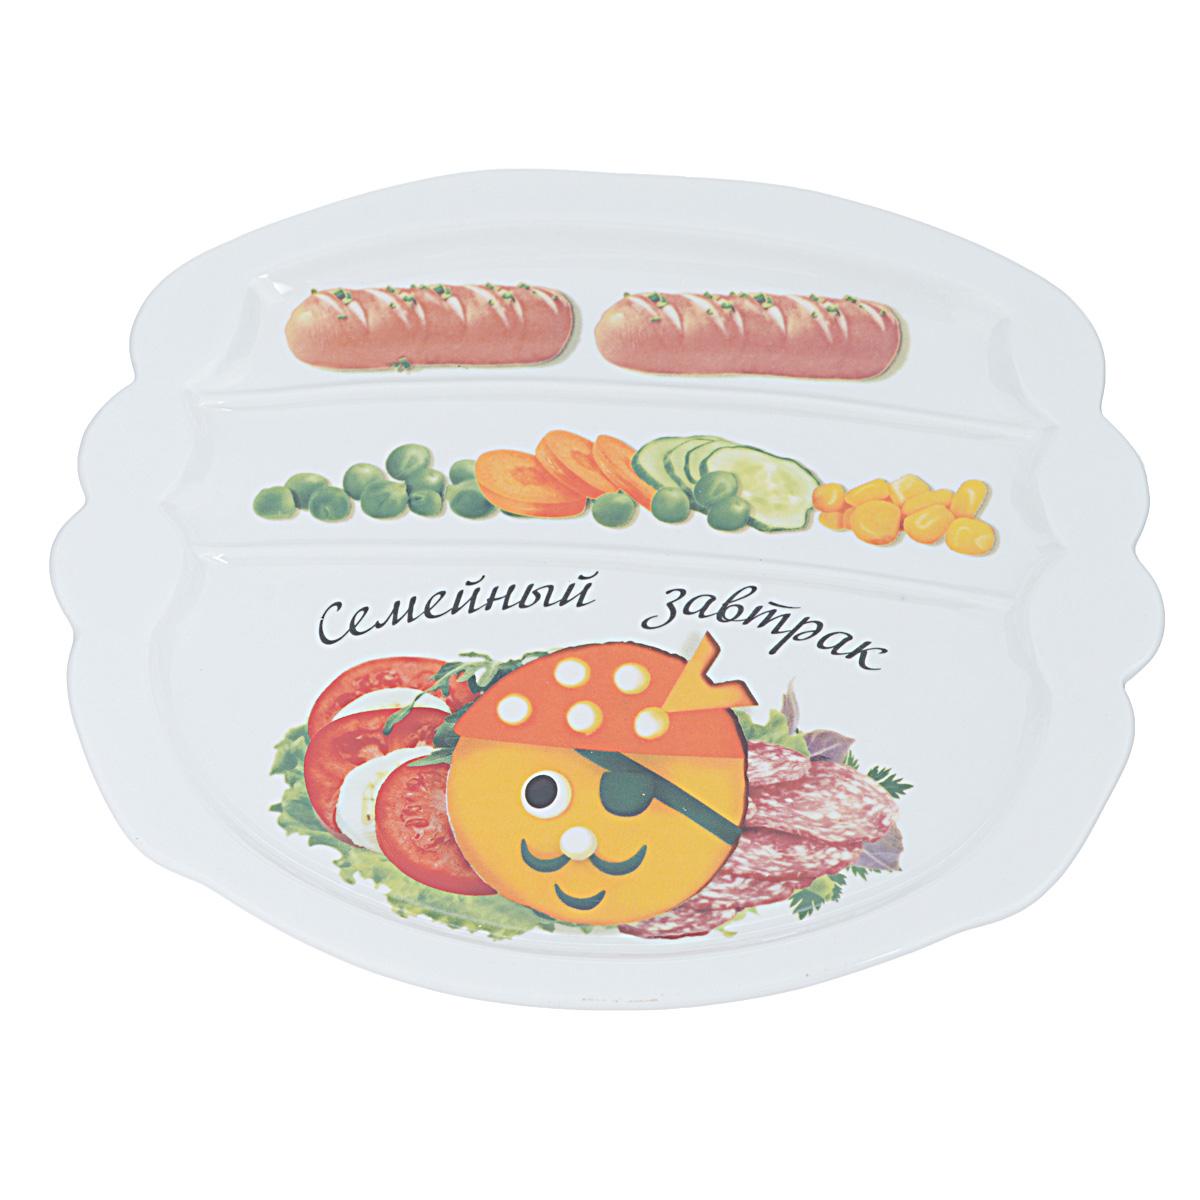 Тарелка для завтрака LarangE Семейный завтрак у пирата, 22,5 х 19 x 1,5 смAW30B23E301Тарелка для завтрака LarangE изготовлена из высококачественной керамики. Изделие украшено ярким изображением. Тарелка имеет три отделения: 2 маленьких отделения для сосисок и одно большое отделение для яичницы или другого блюда. Можно использовать в СВЧ печах, духовом шкафу и холодильнике. Не применять абразивные чистящие вещества.